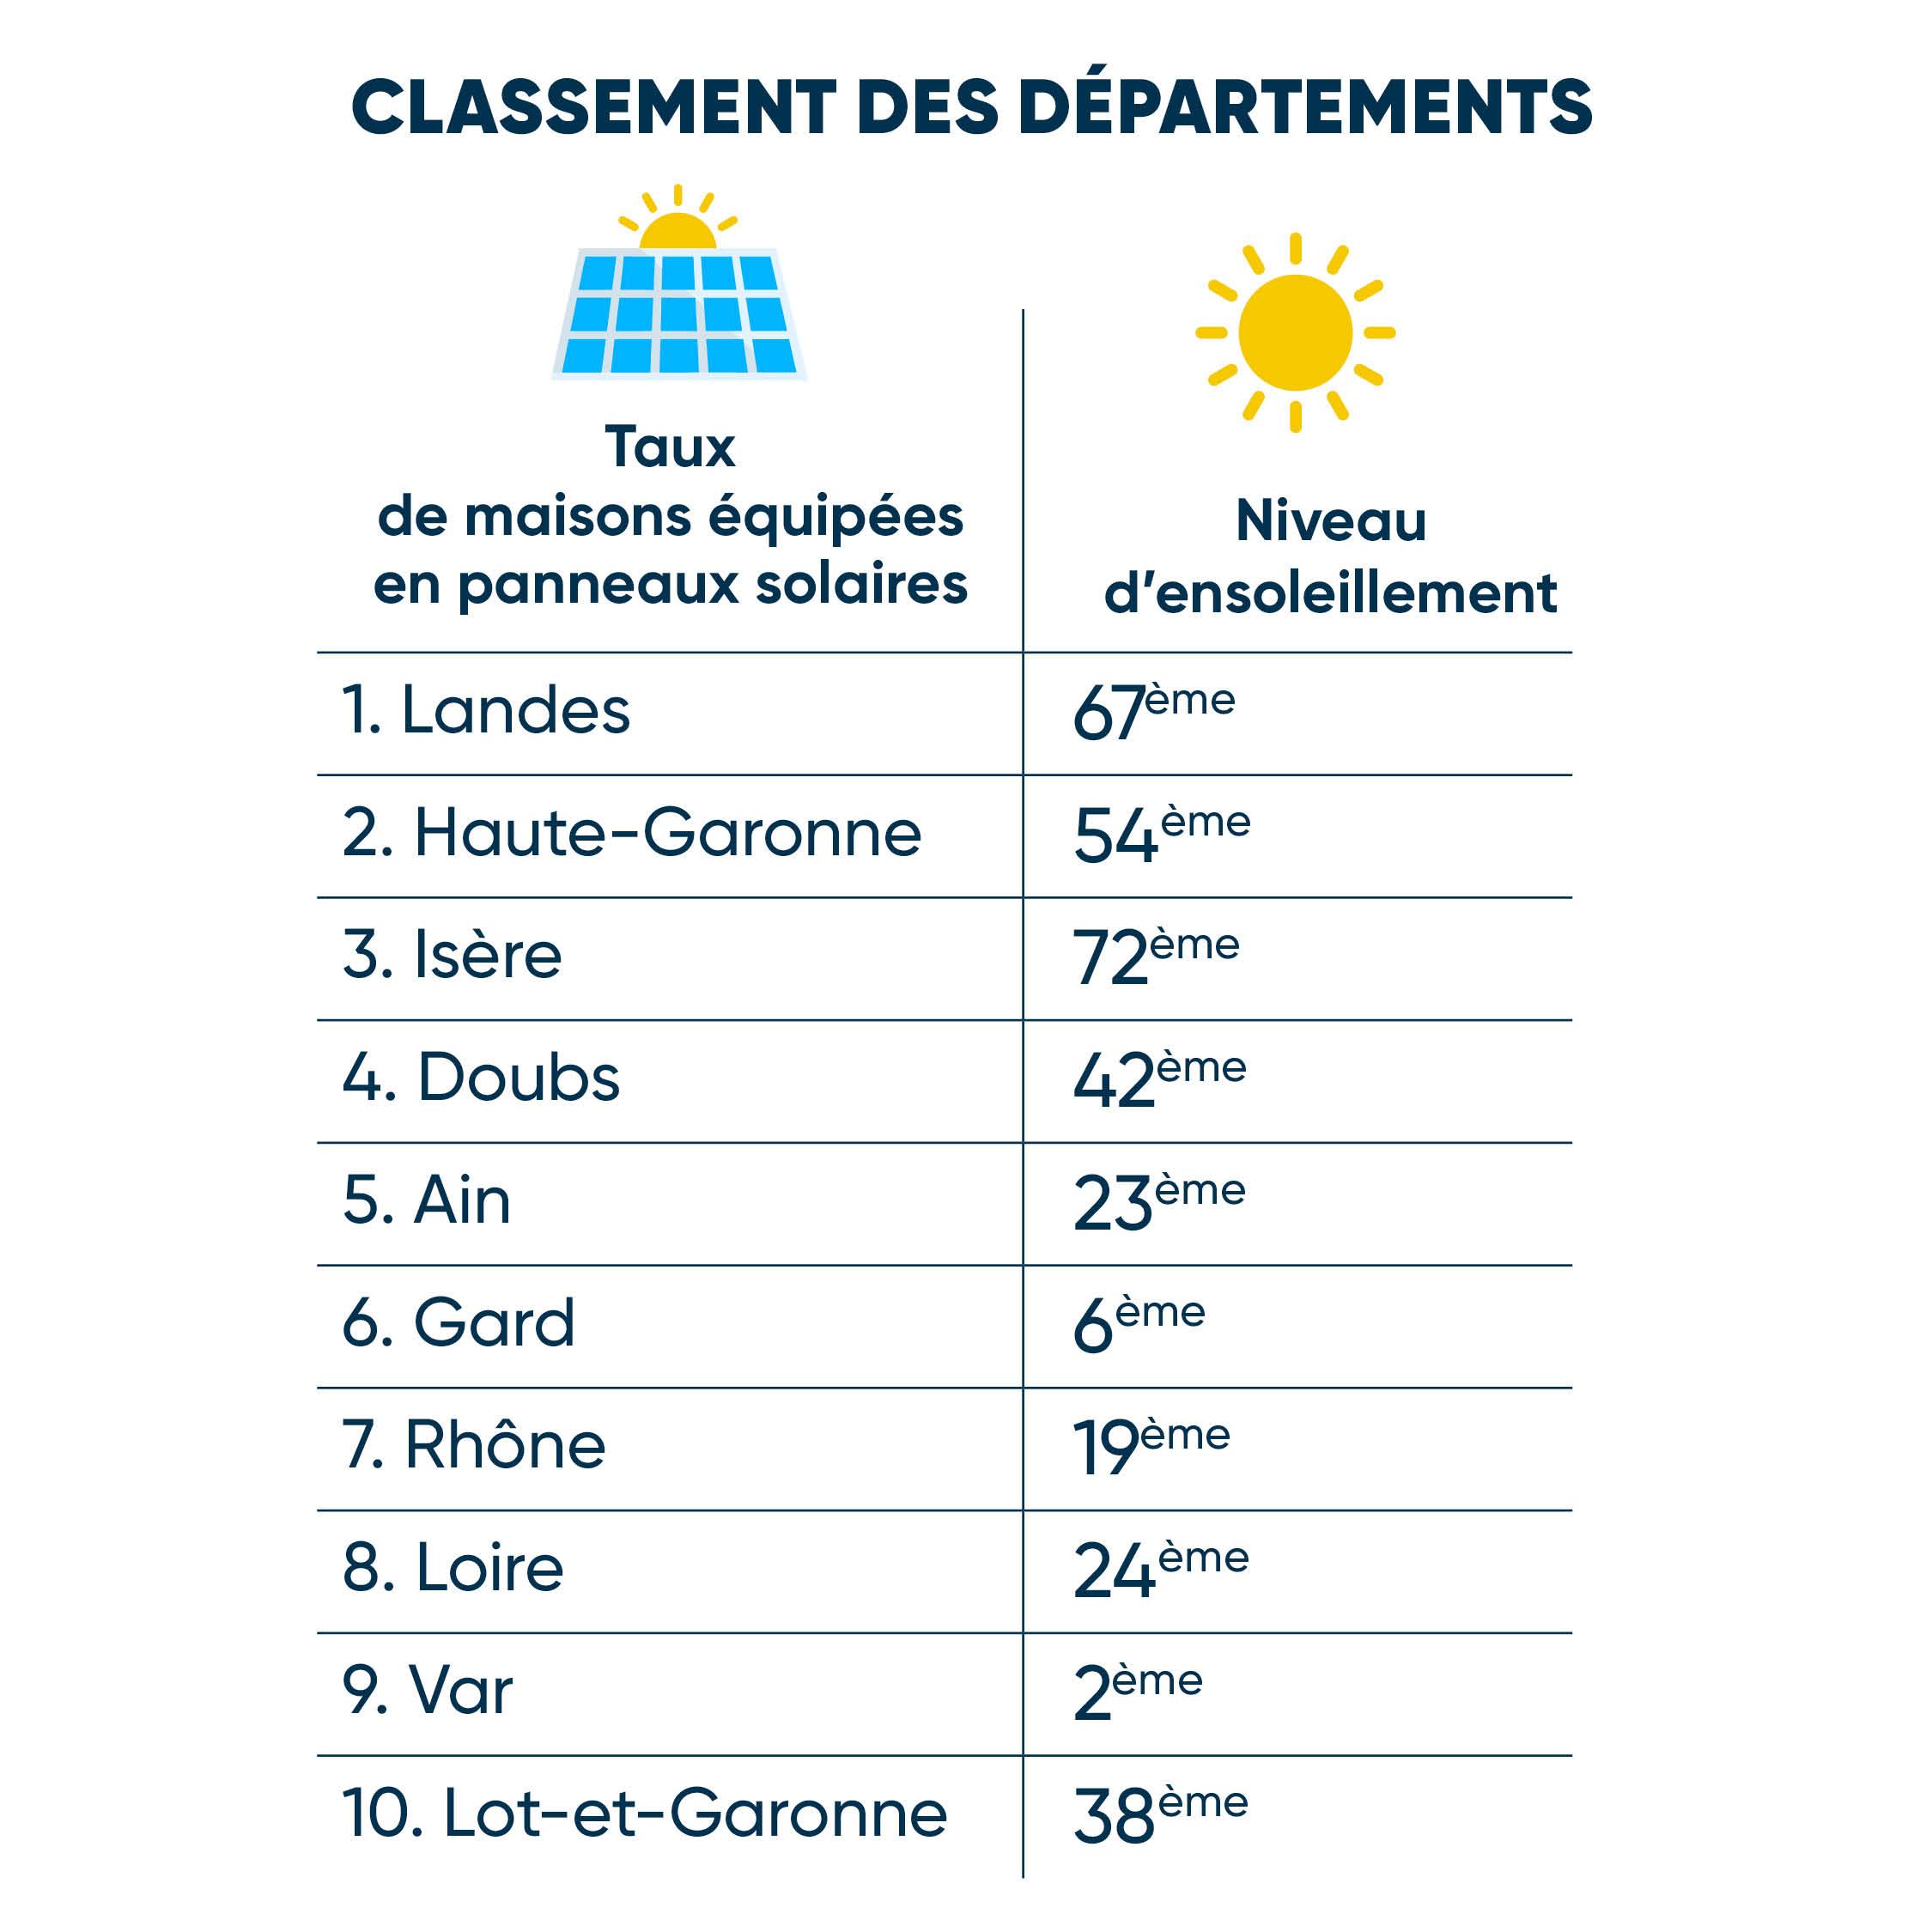 classement-departements-francais-niveau-d-ensoleillement